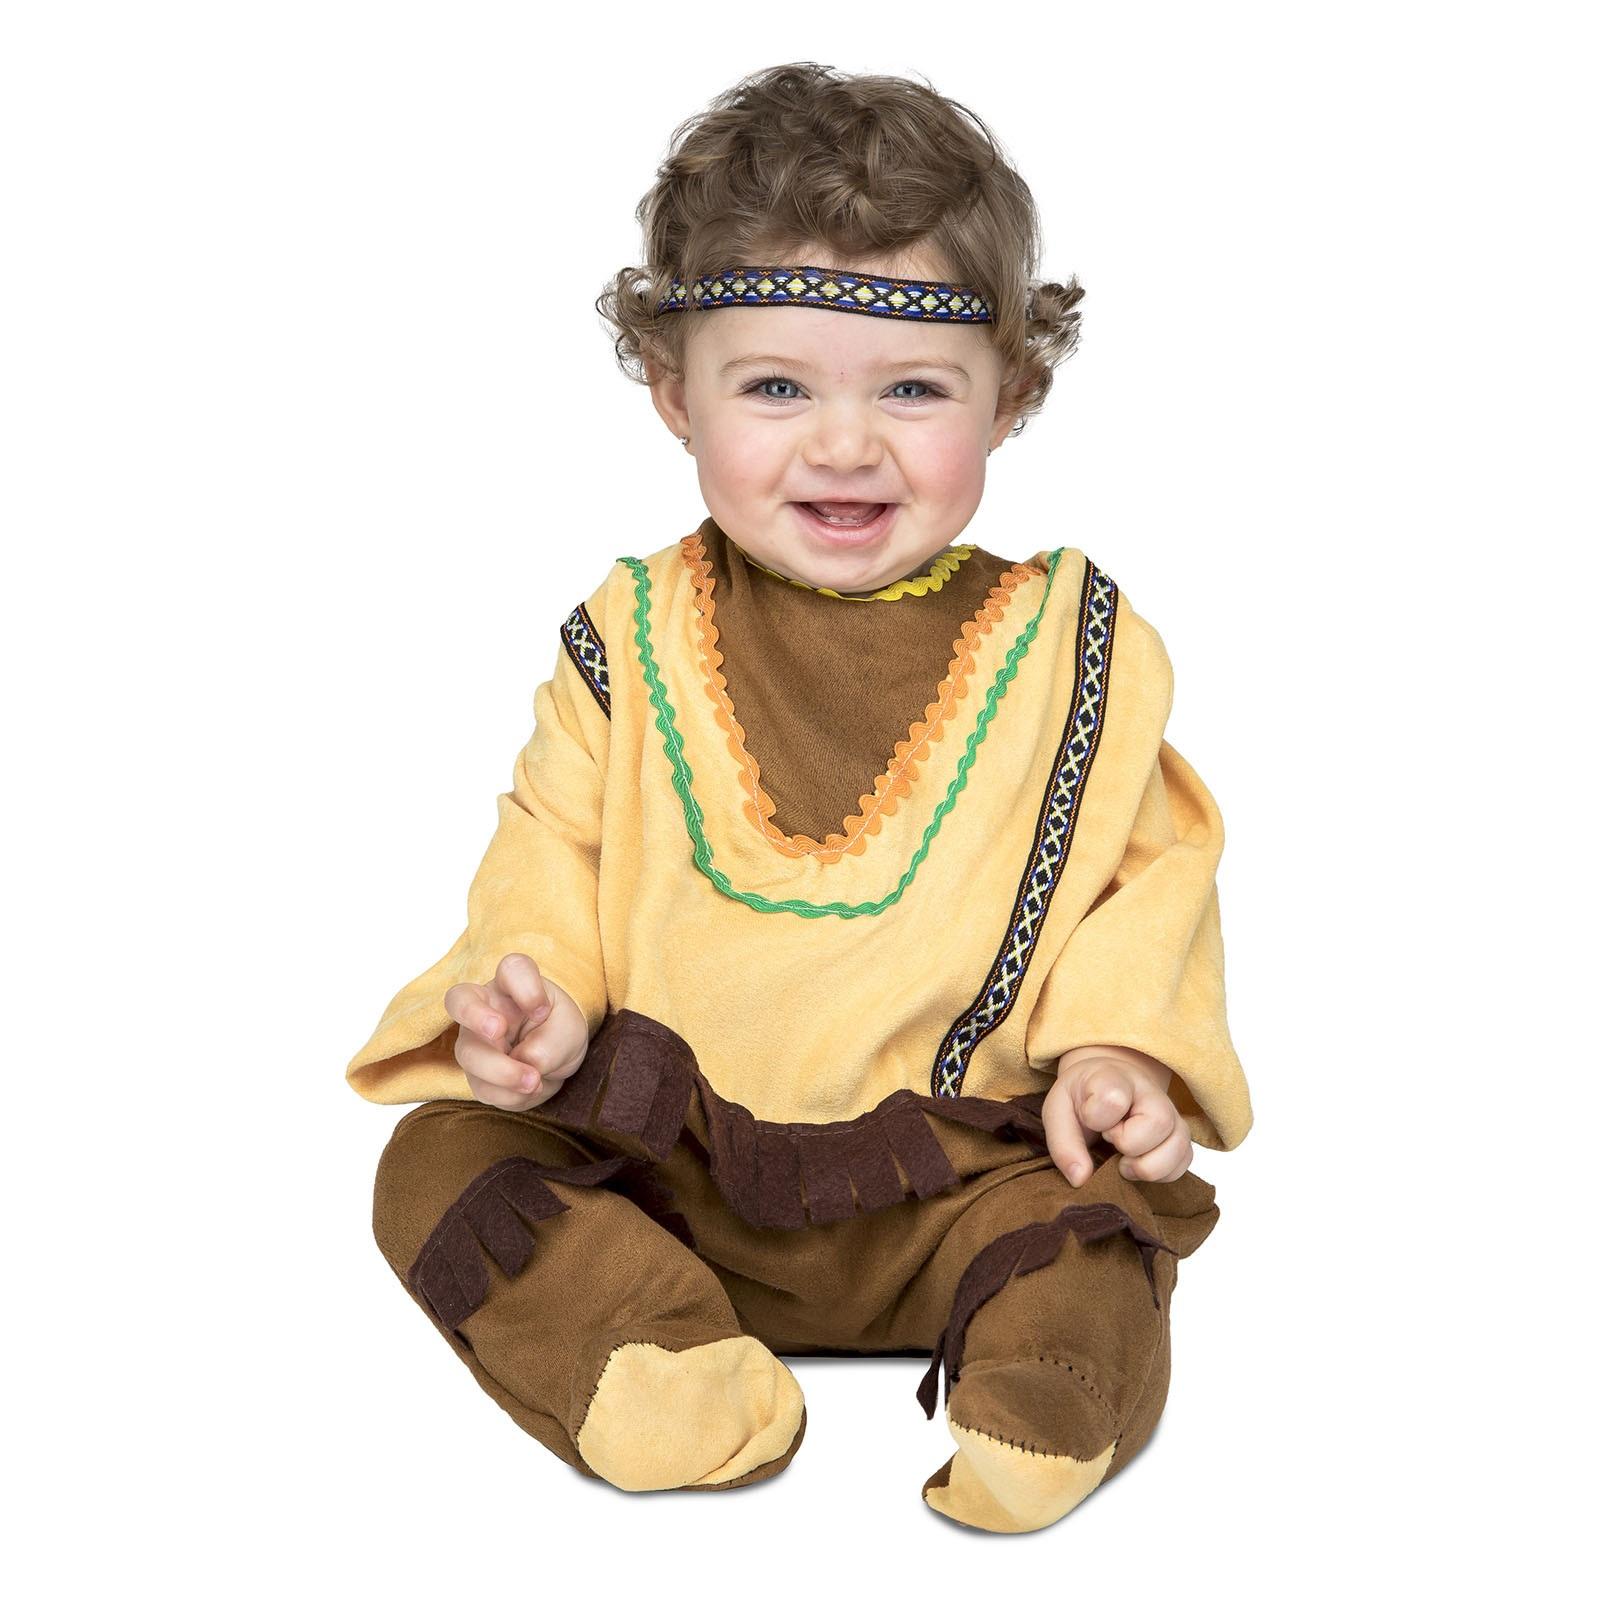 DISFRAZ DE INDIO BEBÉ - Disfraces para Bebés - Tienda de disfraces online